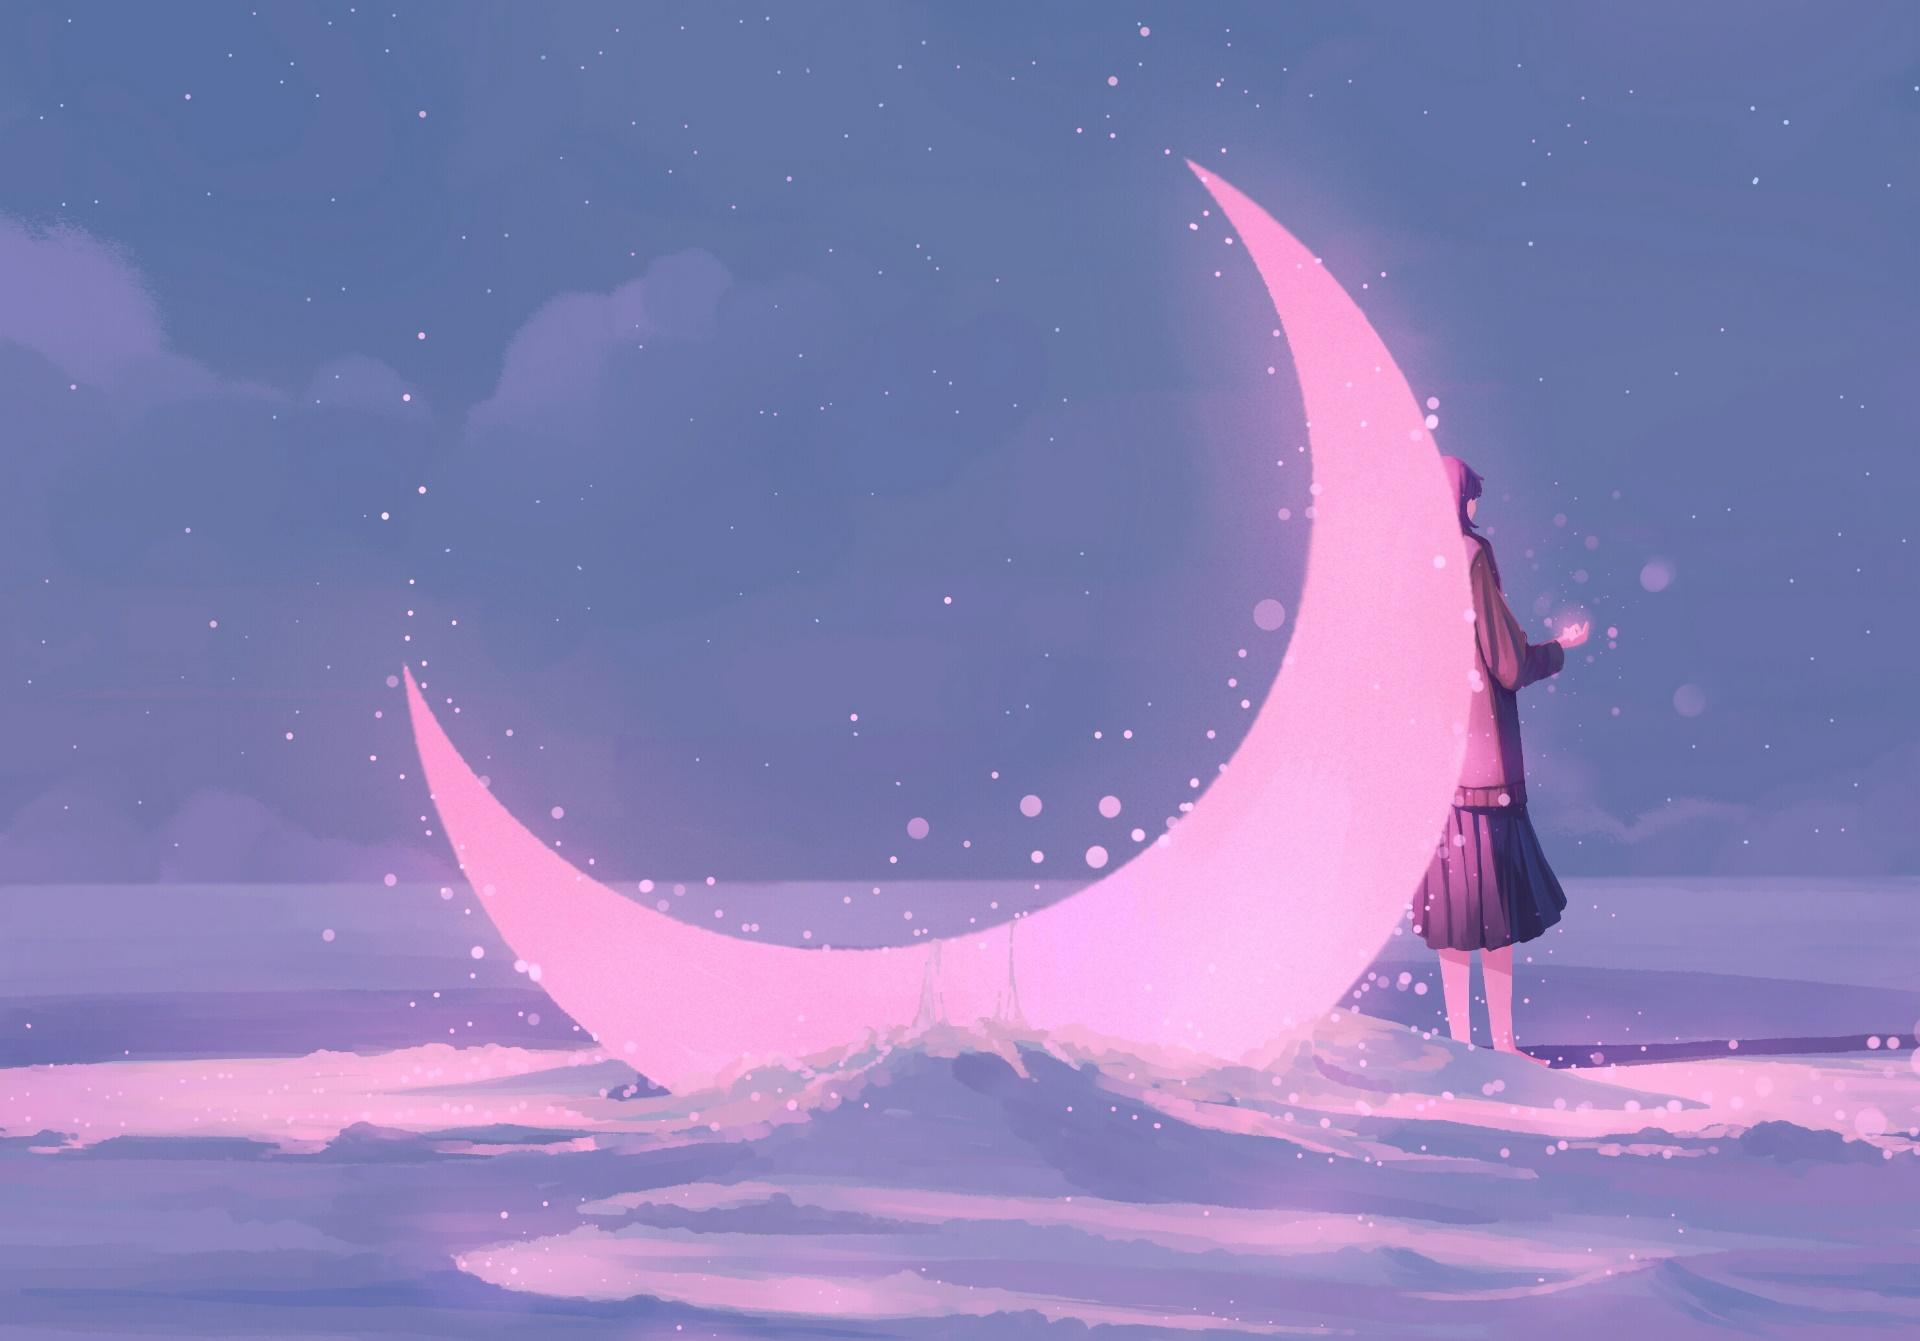 Wallpaper Pink Moon Fantasy Art Fantasy Girl Artwork